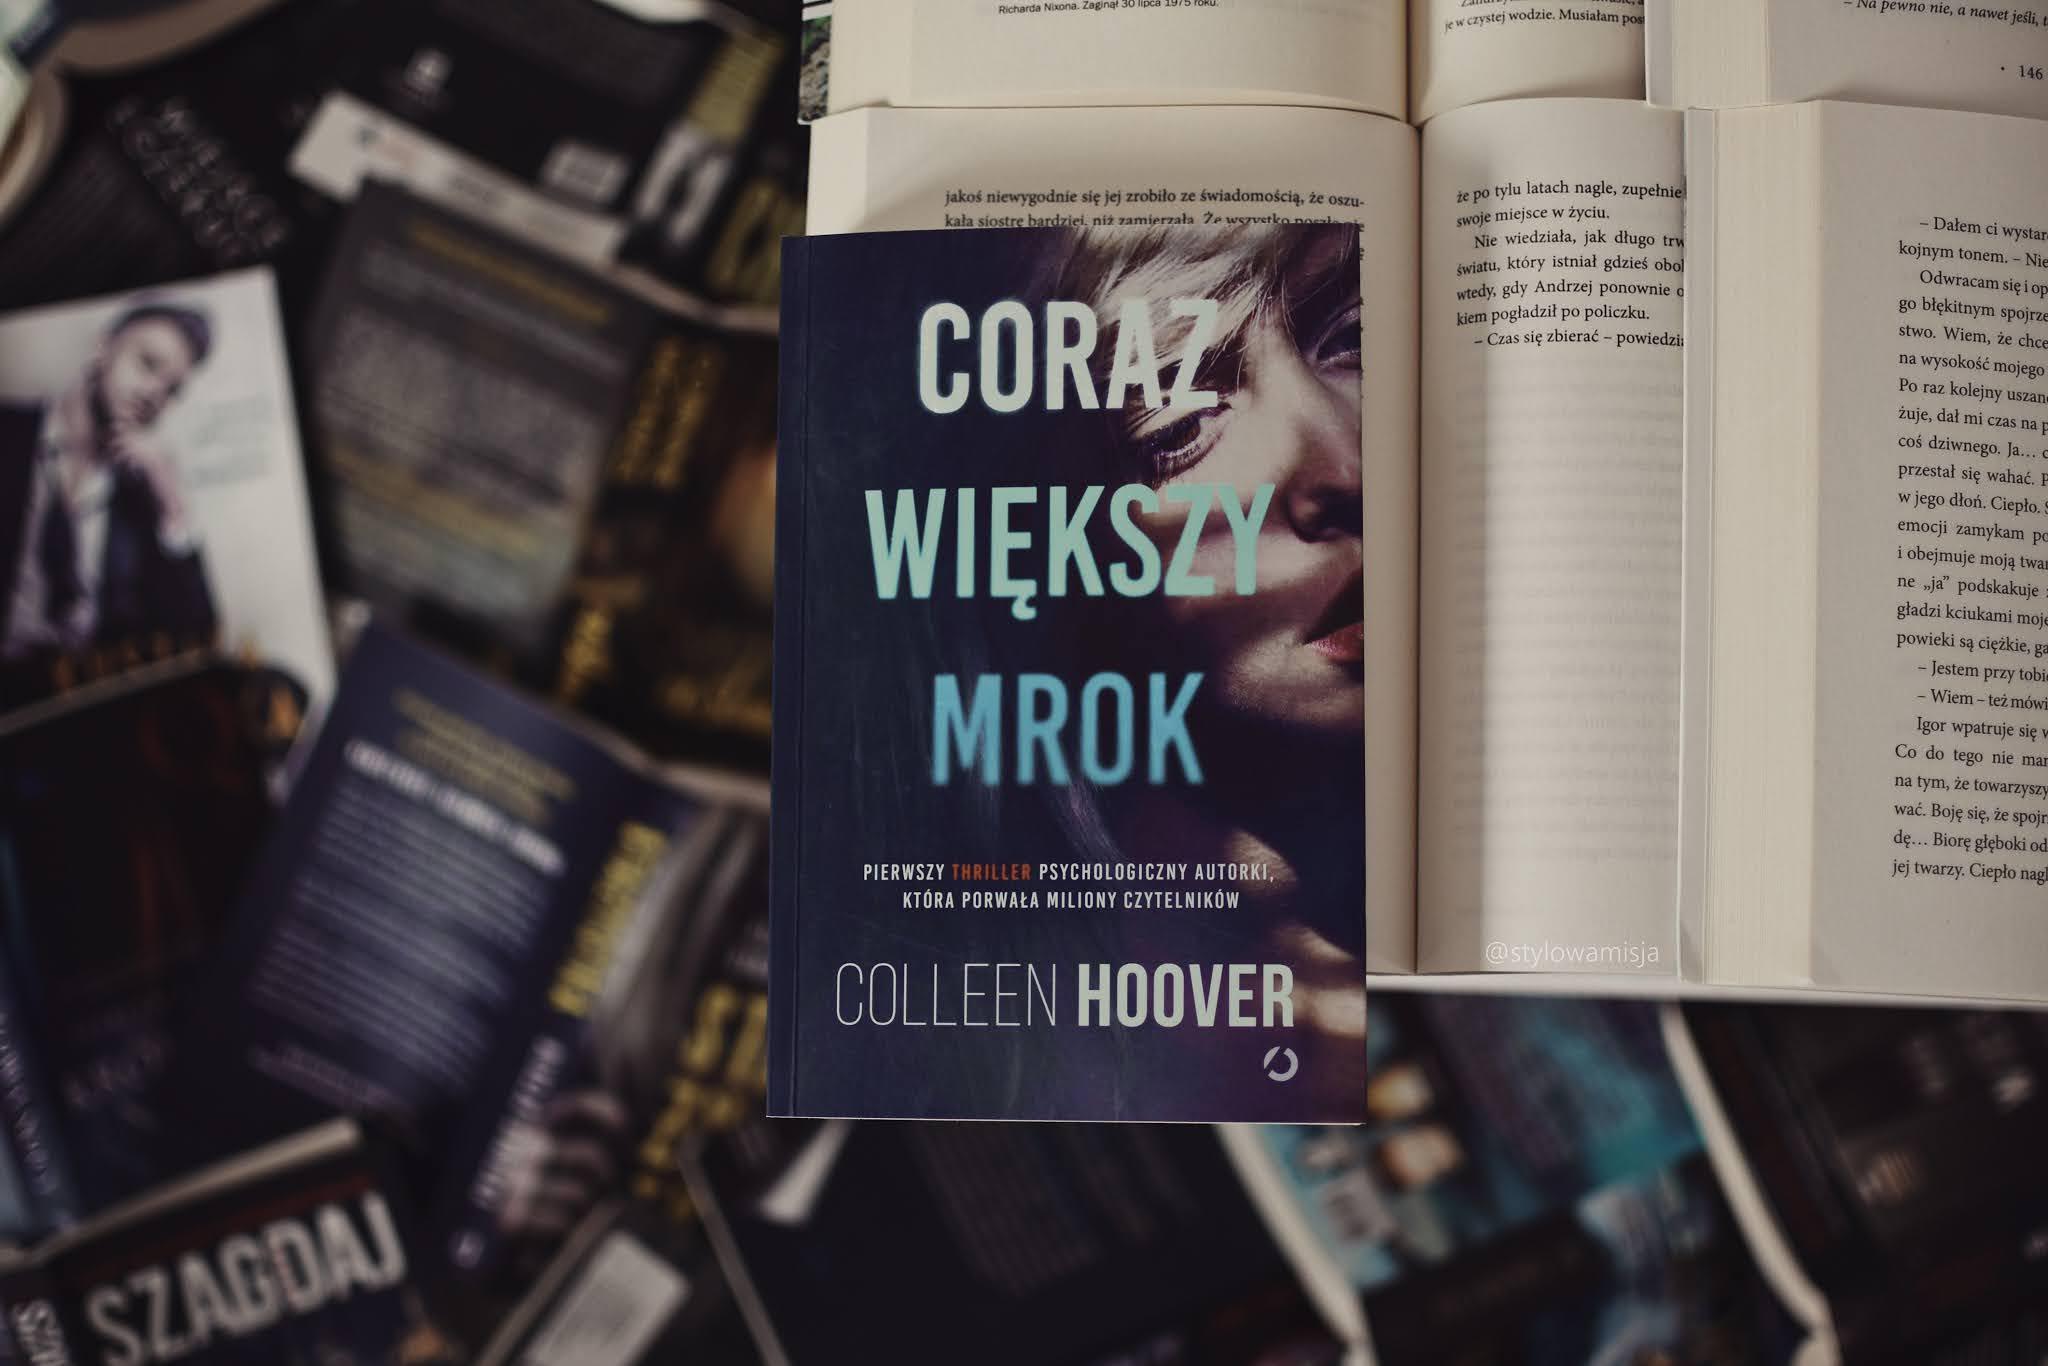 ColleenHoover, CorazWiększyMrok,WydawnictwoOtwarte,thriller,thrillerpsychologiczny,pisarka,recenzja,strach,opowiadanie,